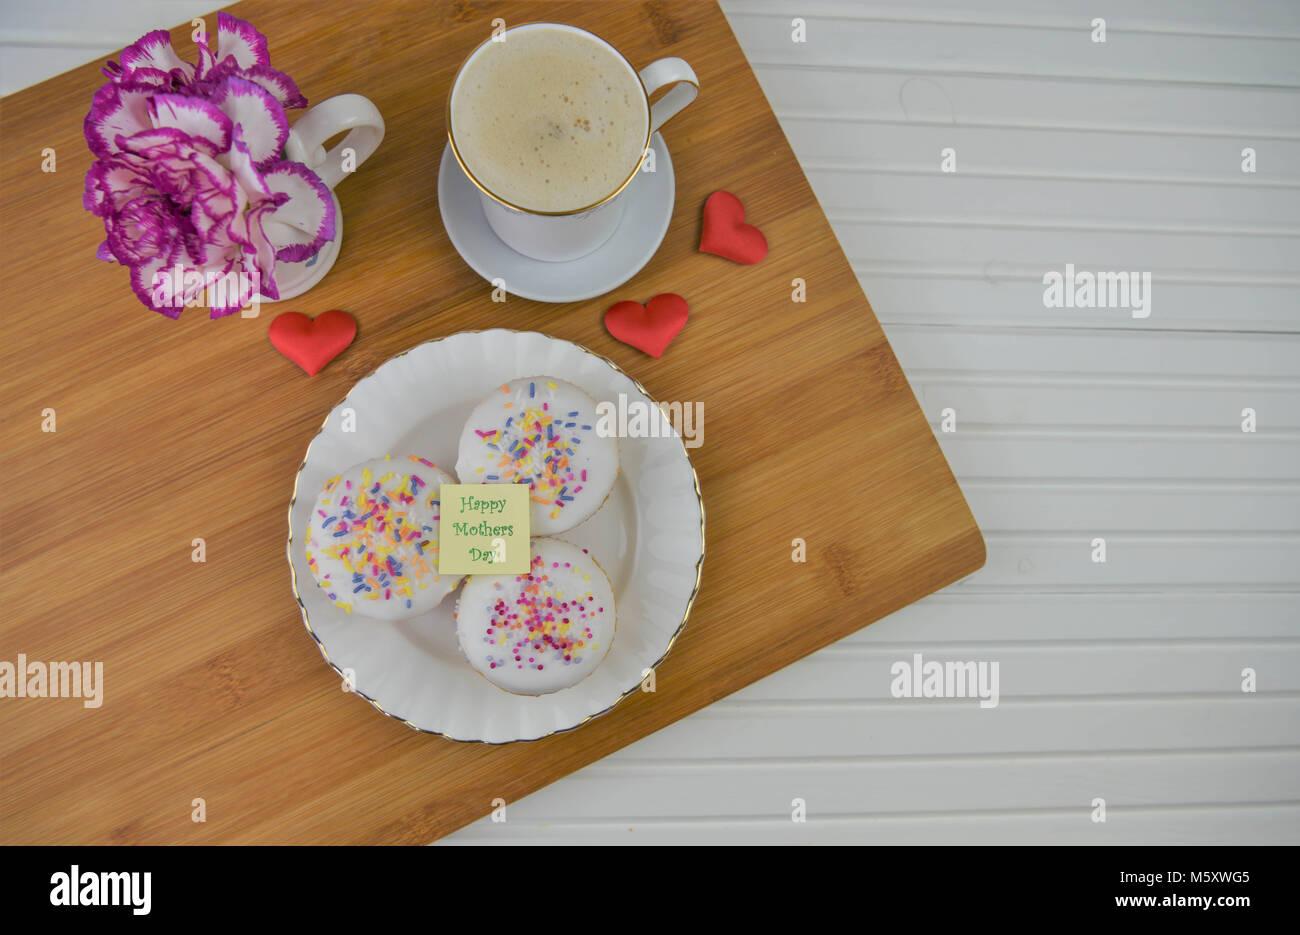 Felice Festa della mamma parole con cibo fatto in casa di mini Iced Cakes e fiori freschi Immagini Stock